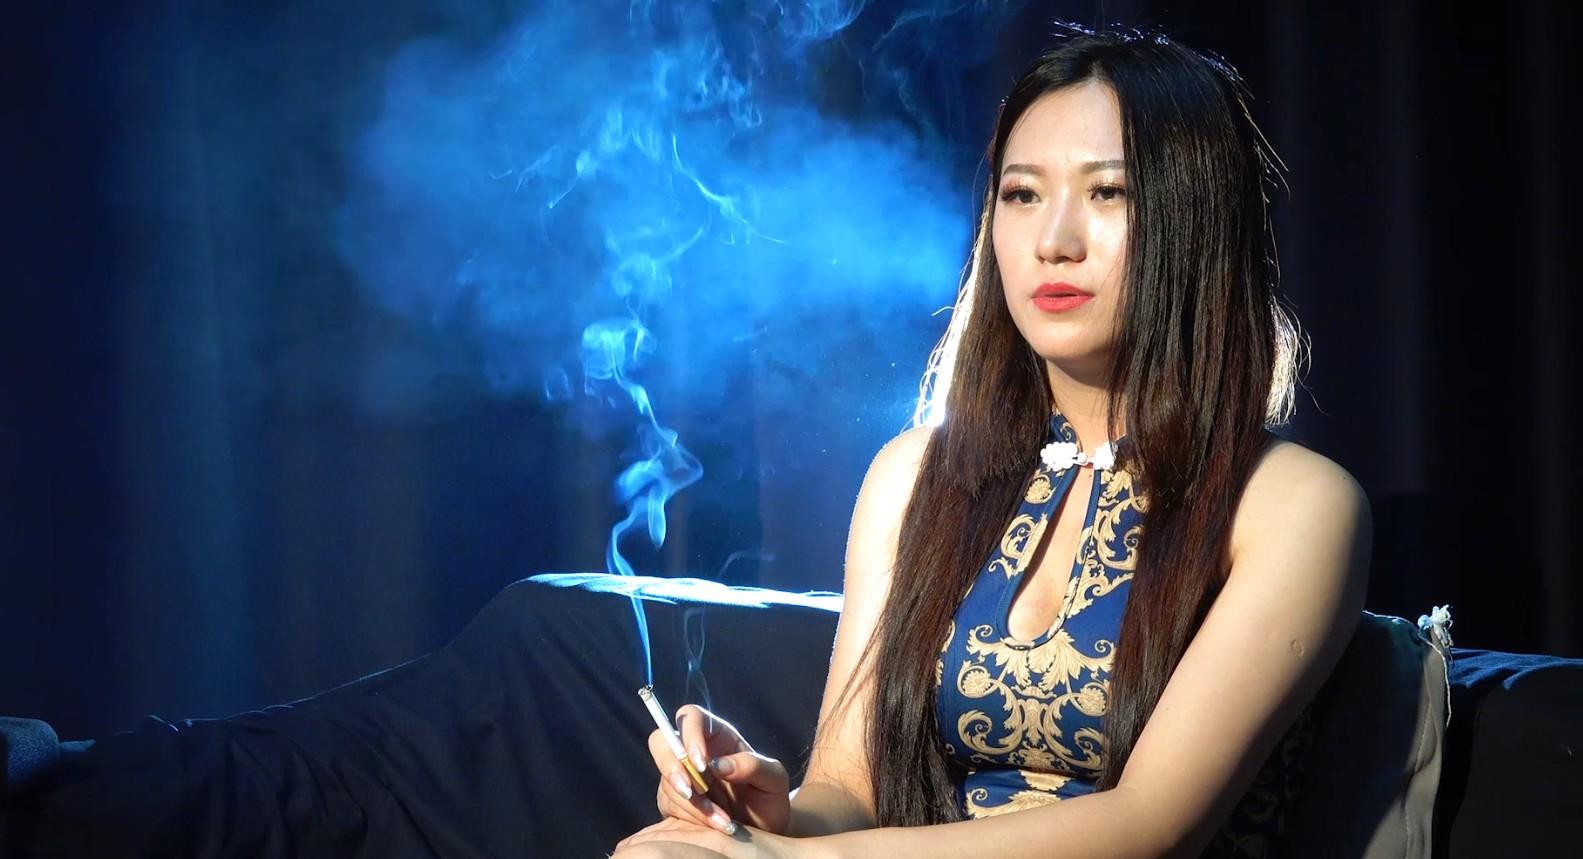 性感的旗袍美女抽烟[MP4/1.80GB/度盘/GoogleDrive]